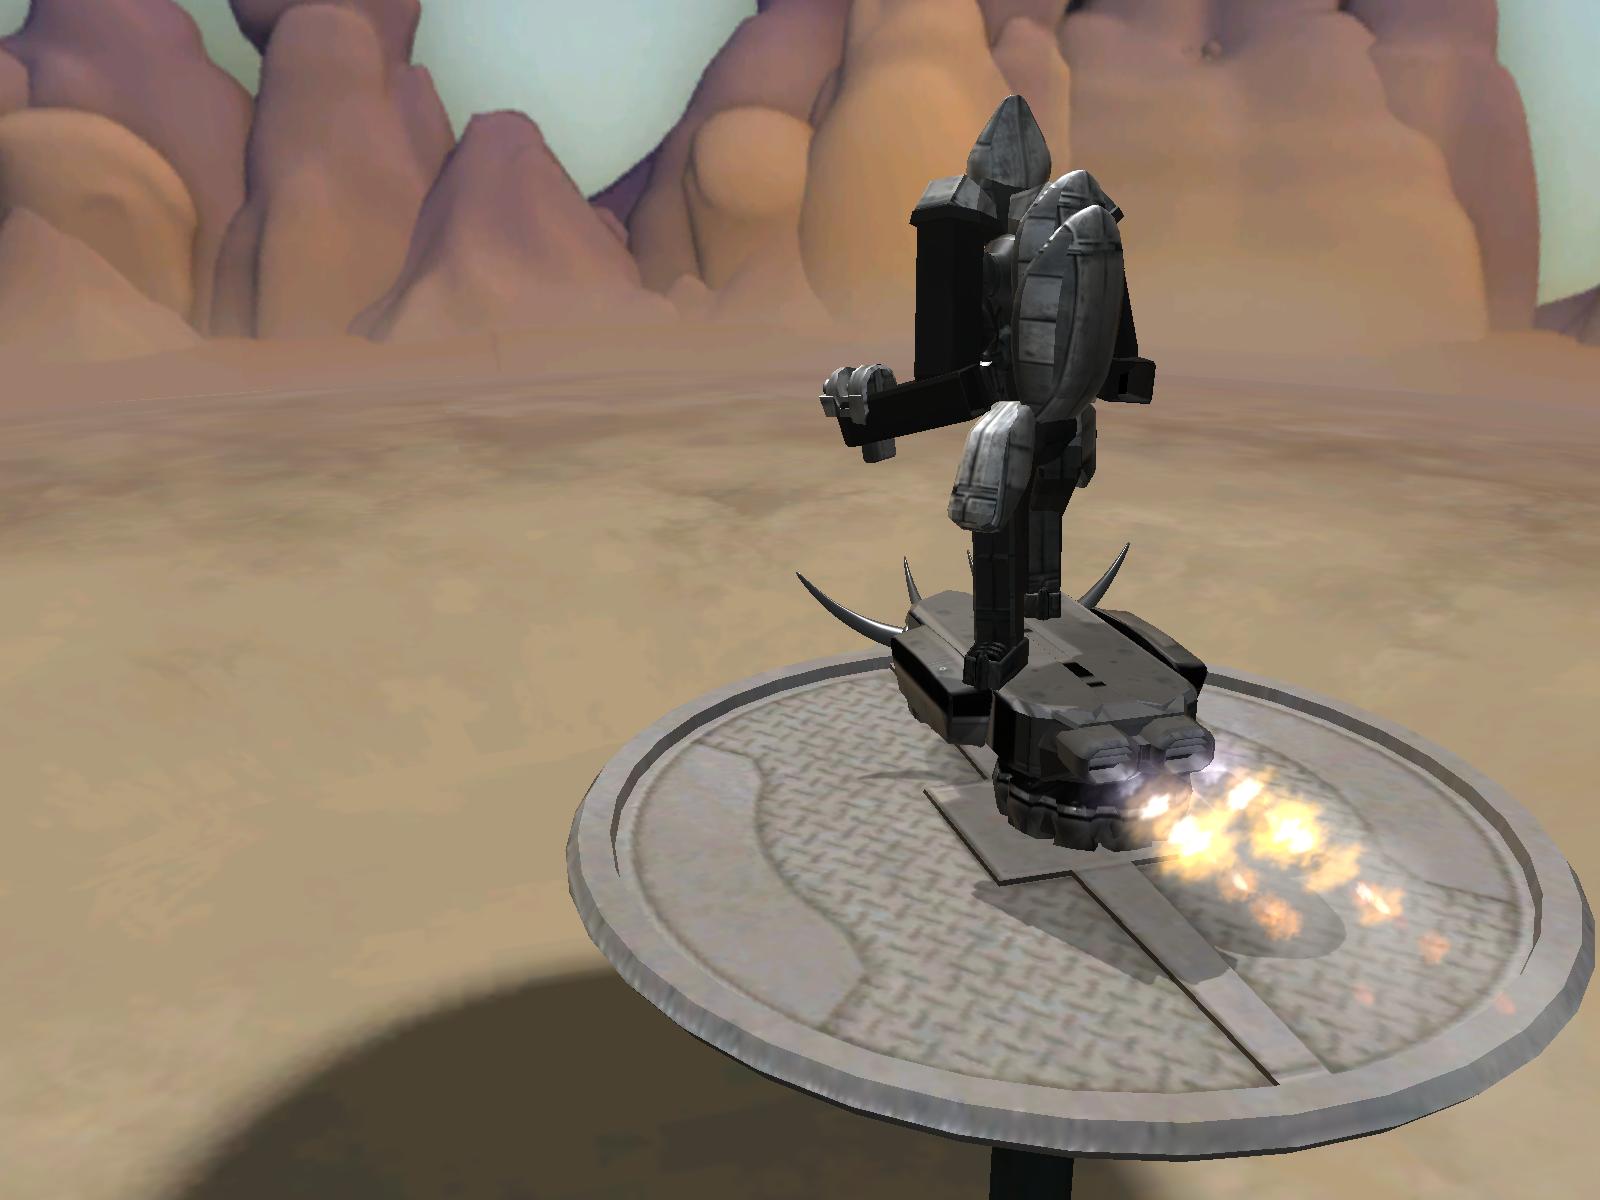 Un robot asesino veloz Spore-18-02-2020-14-48-18